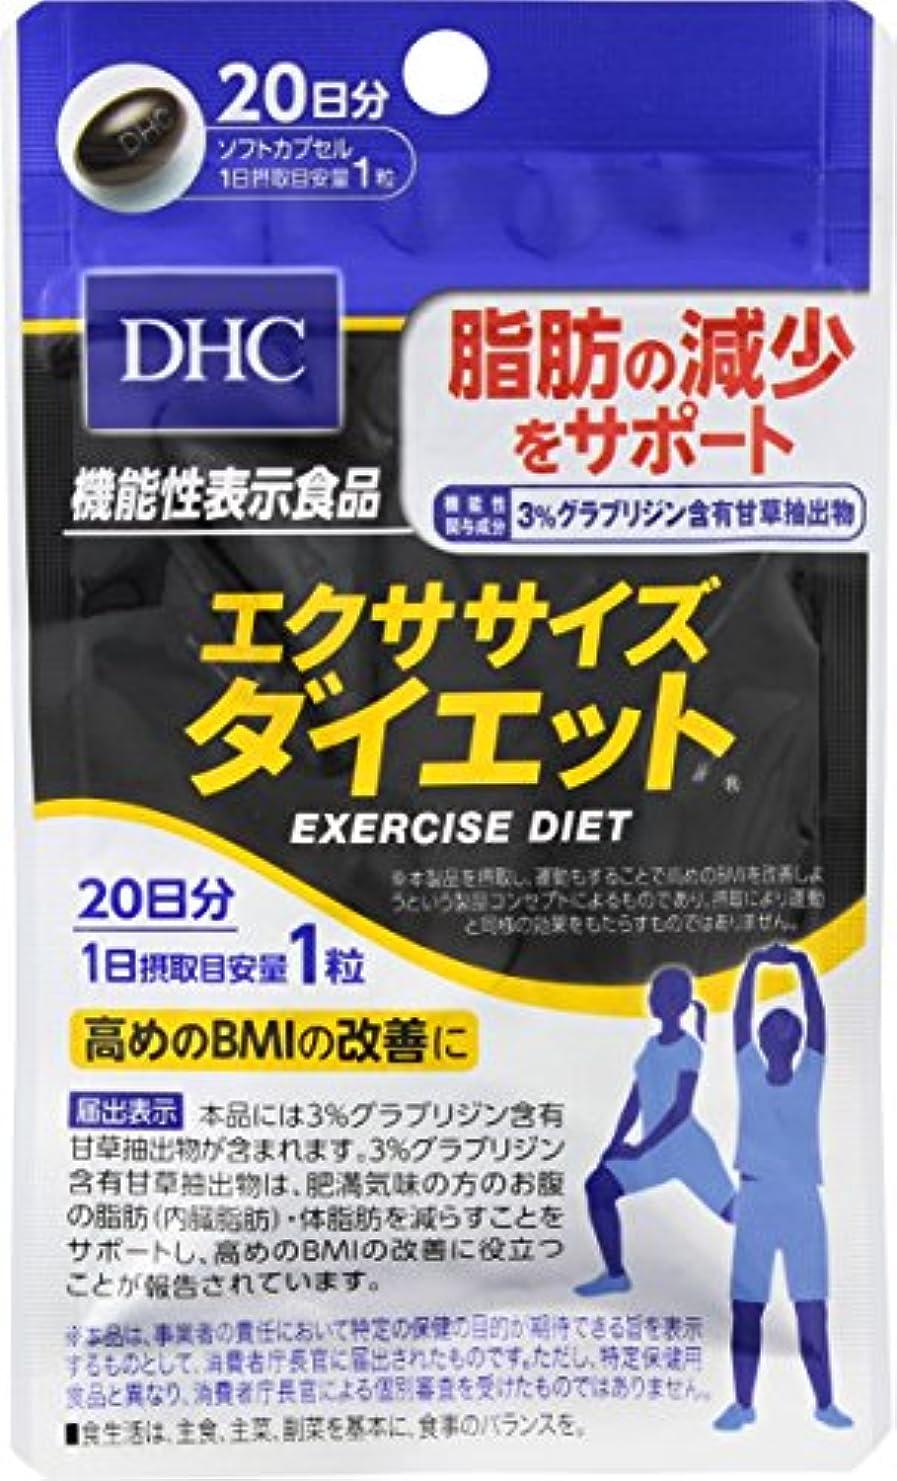 DHC エクササイズダイエット 20日 20粒【機能性表示食品】